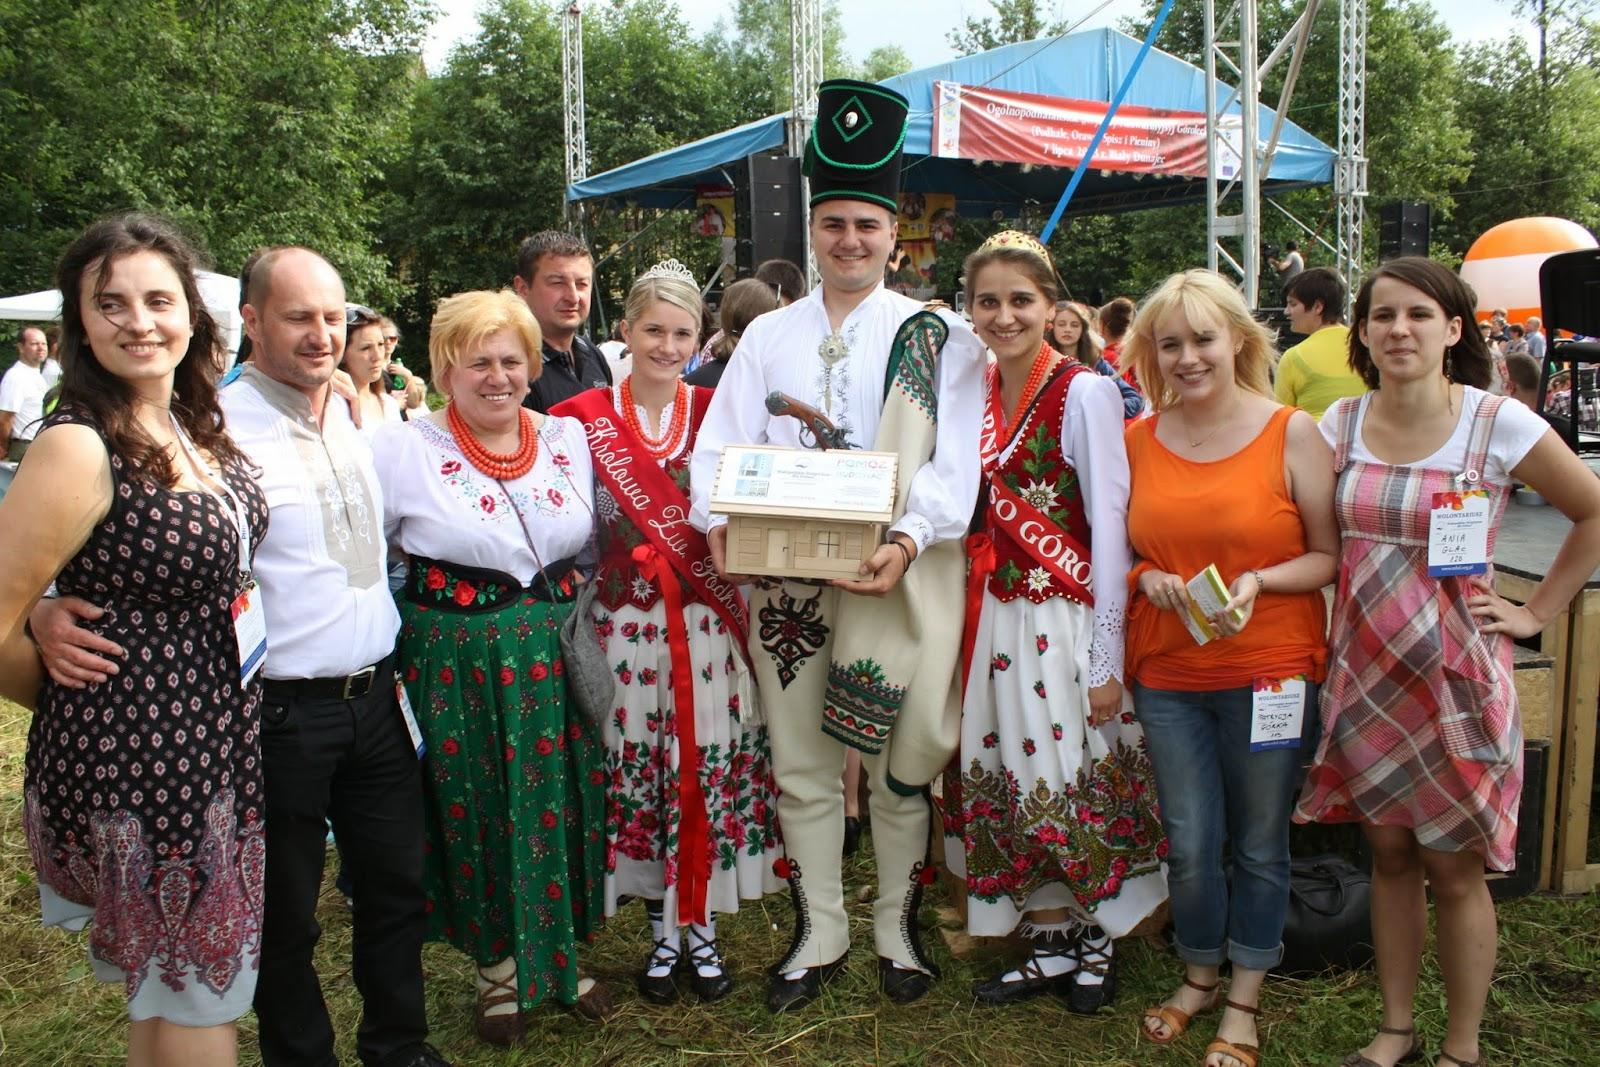 Pierwsza z imprez w cyklu Tatrzańskie Wici 2013, w ramach którego, dzięki gościnności przyjaciól z Podhala gościmy, prowadząc zbiórki i promując idee opieki hospicyjnej. Foto: Emilia Glista